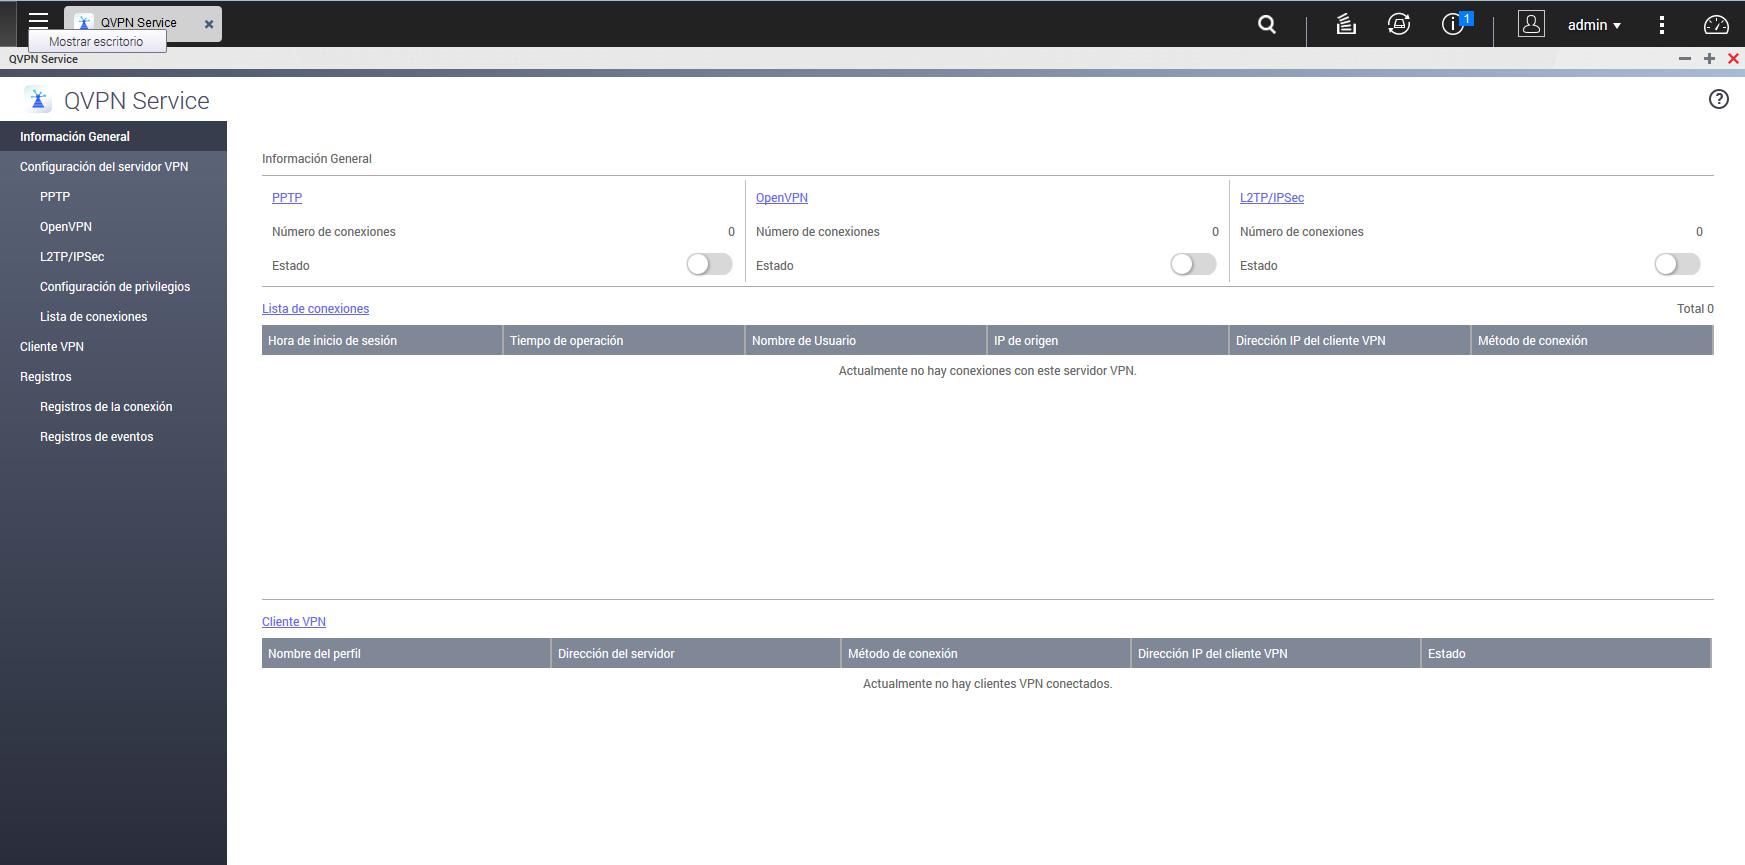 QVPN Service: Manual para configurar un servidor OpenVPN en un NAS QNAP